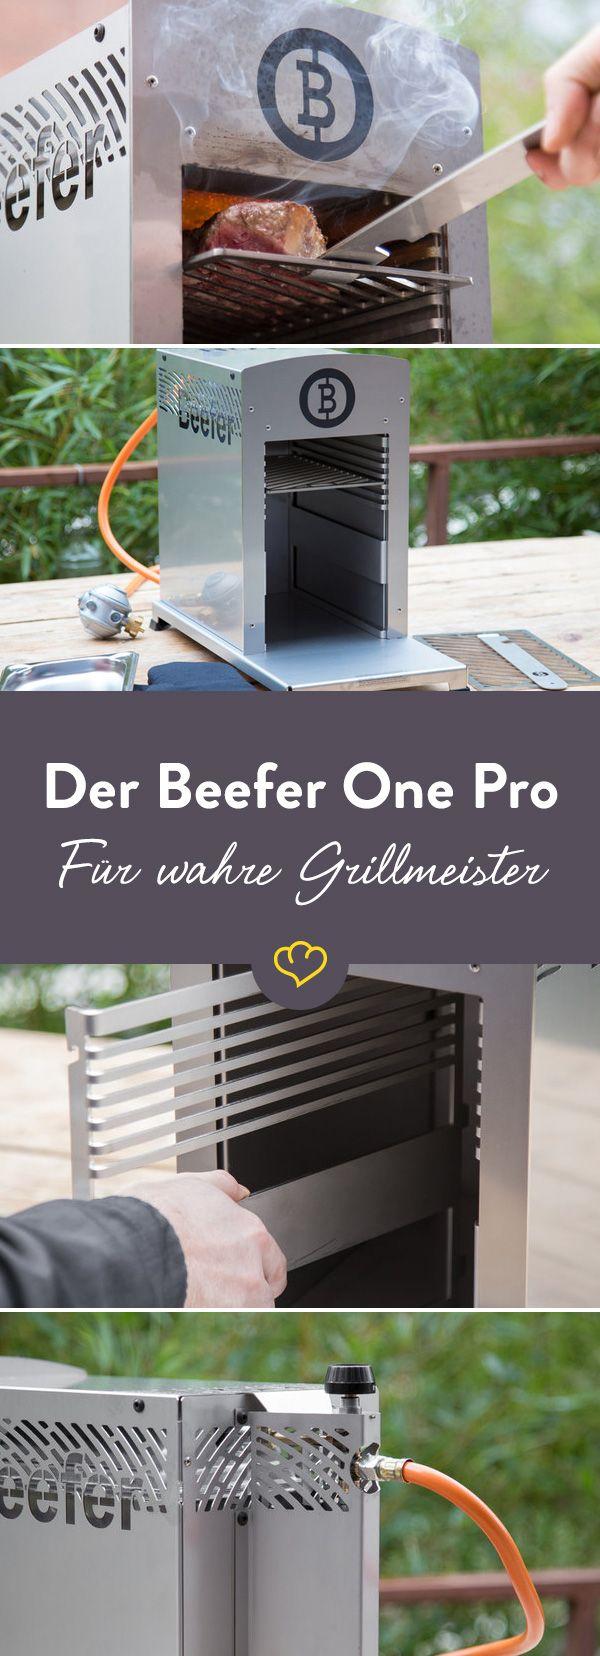 Der Beefer One Pro im Test. Unser Kollege Freddi testet den Beefer auf Herz und Nieren